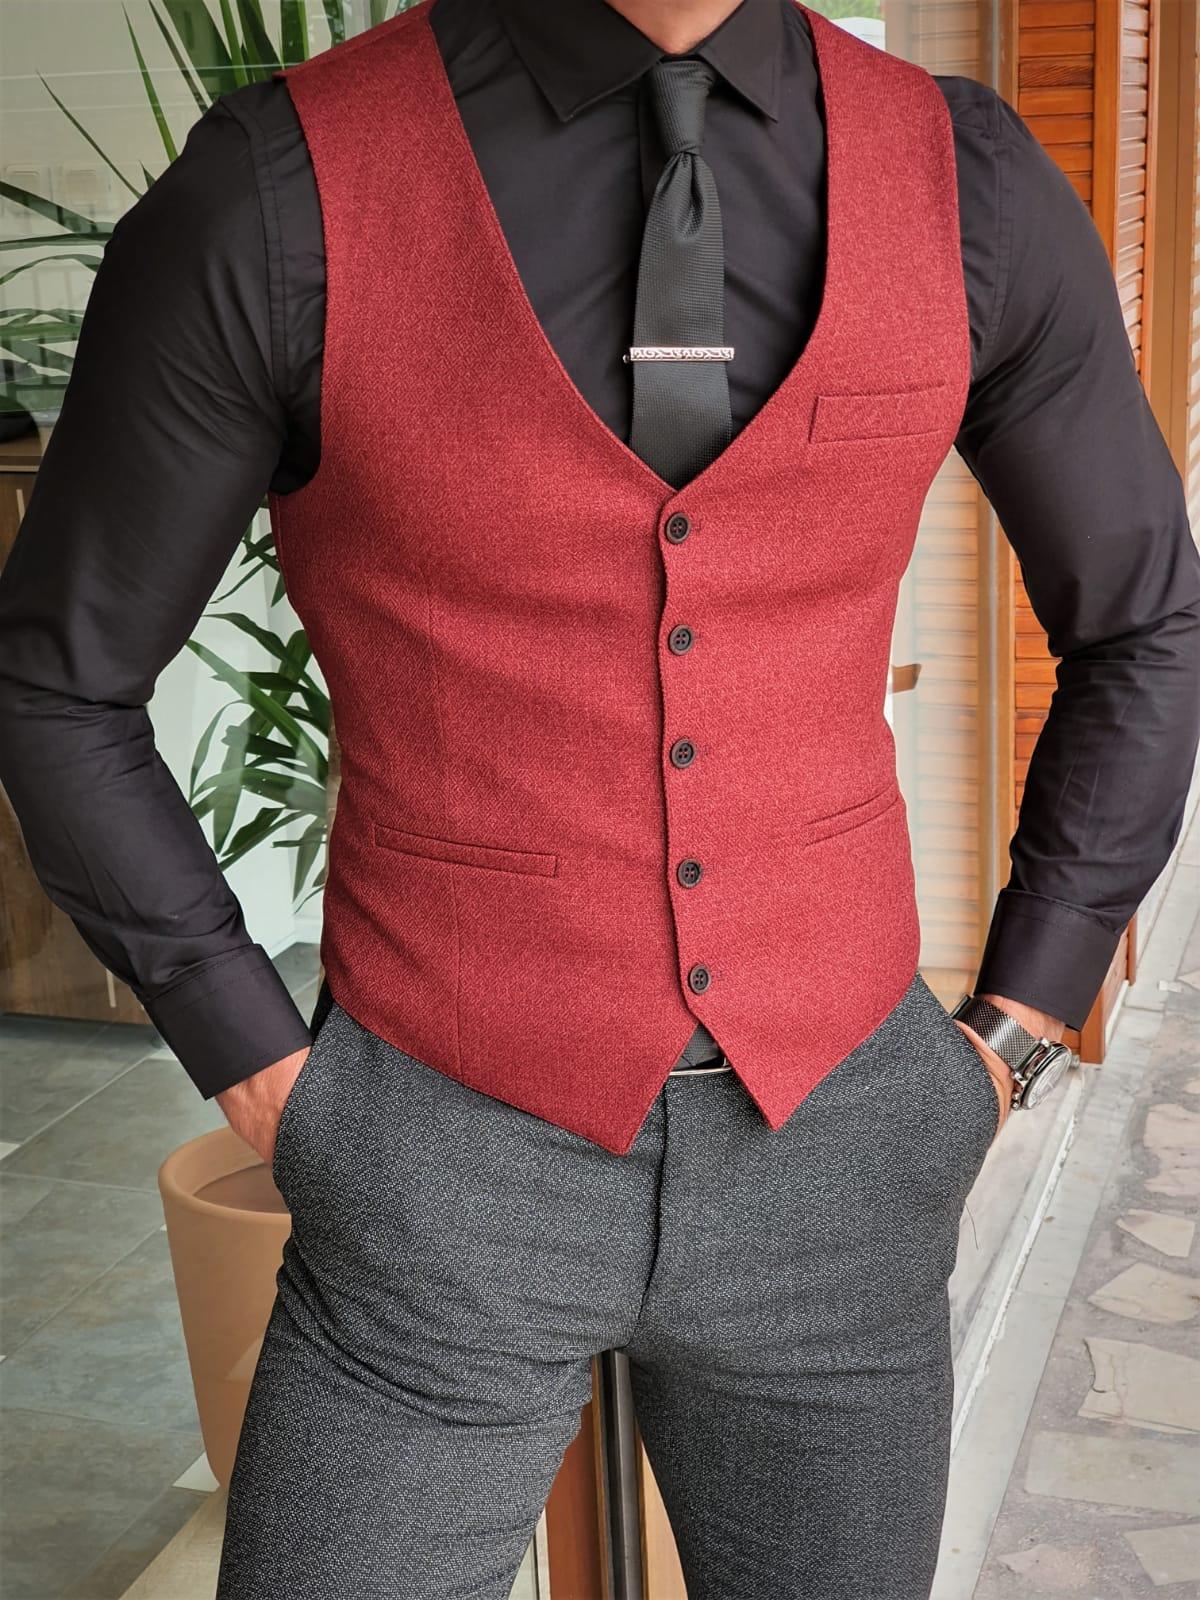 Aysoti Soffran Claret Red Slim Fit Vest